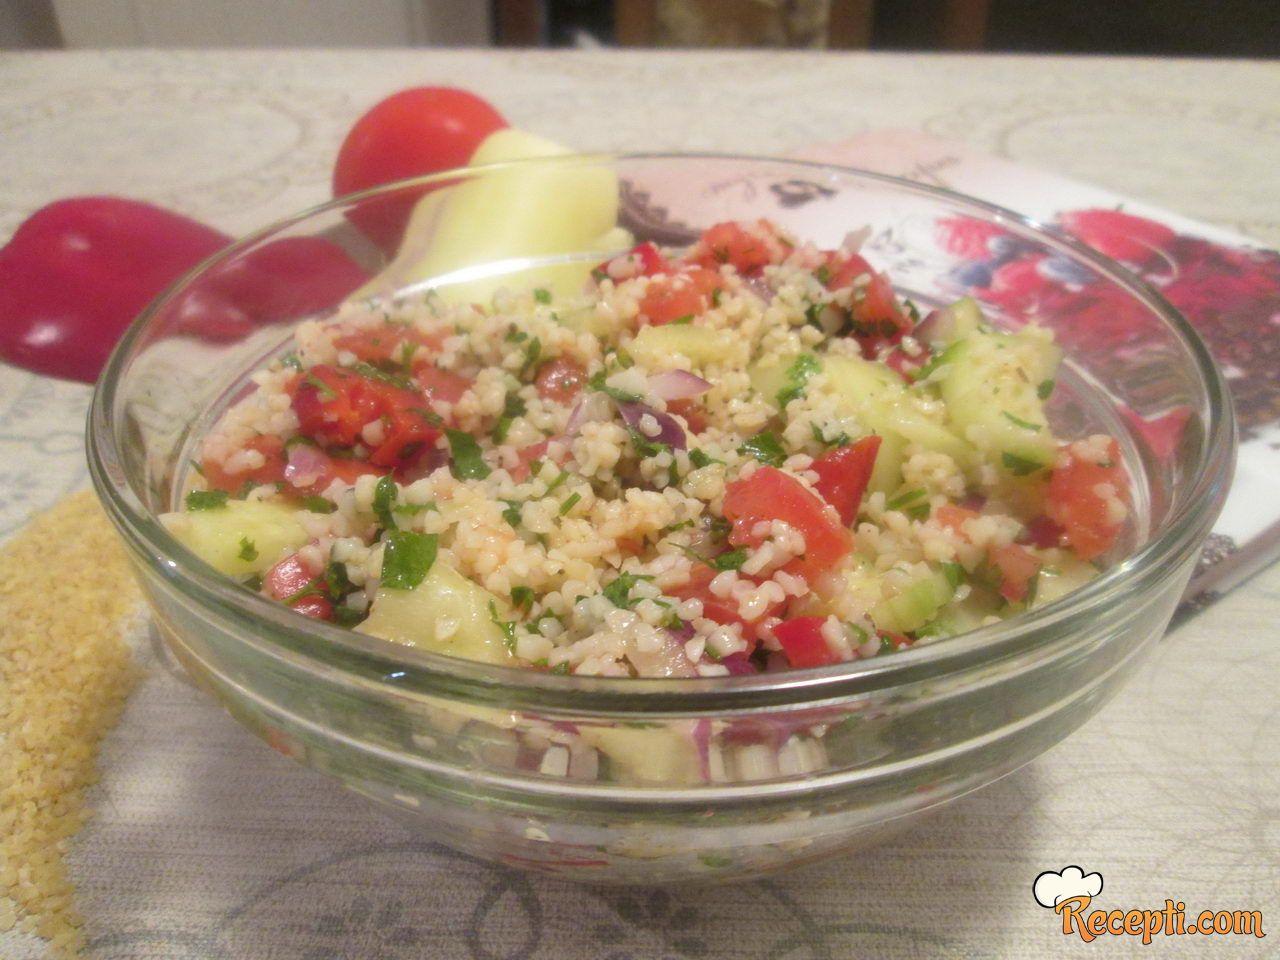 Tabule salata